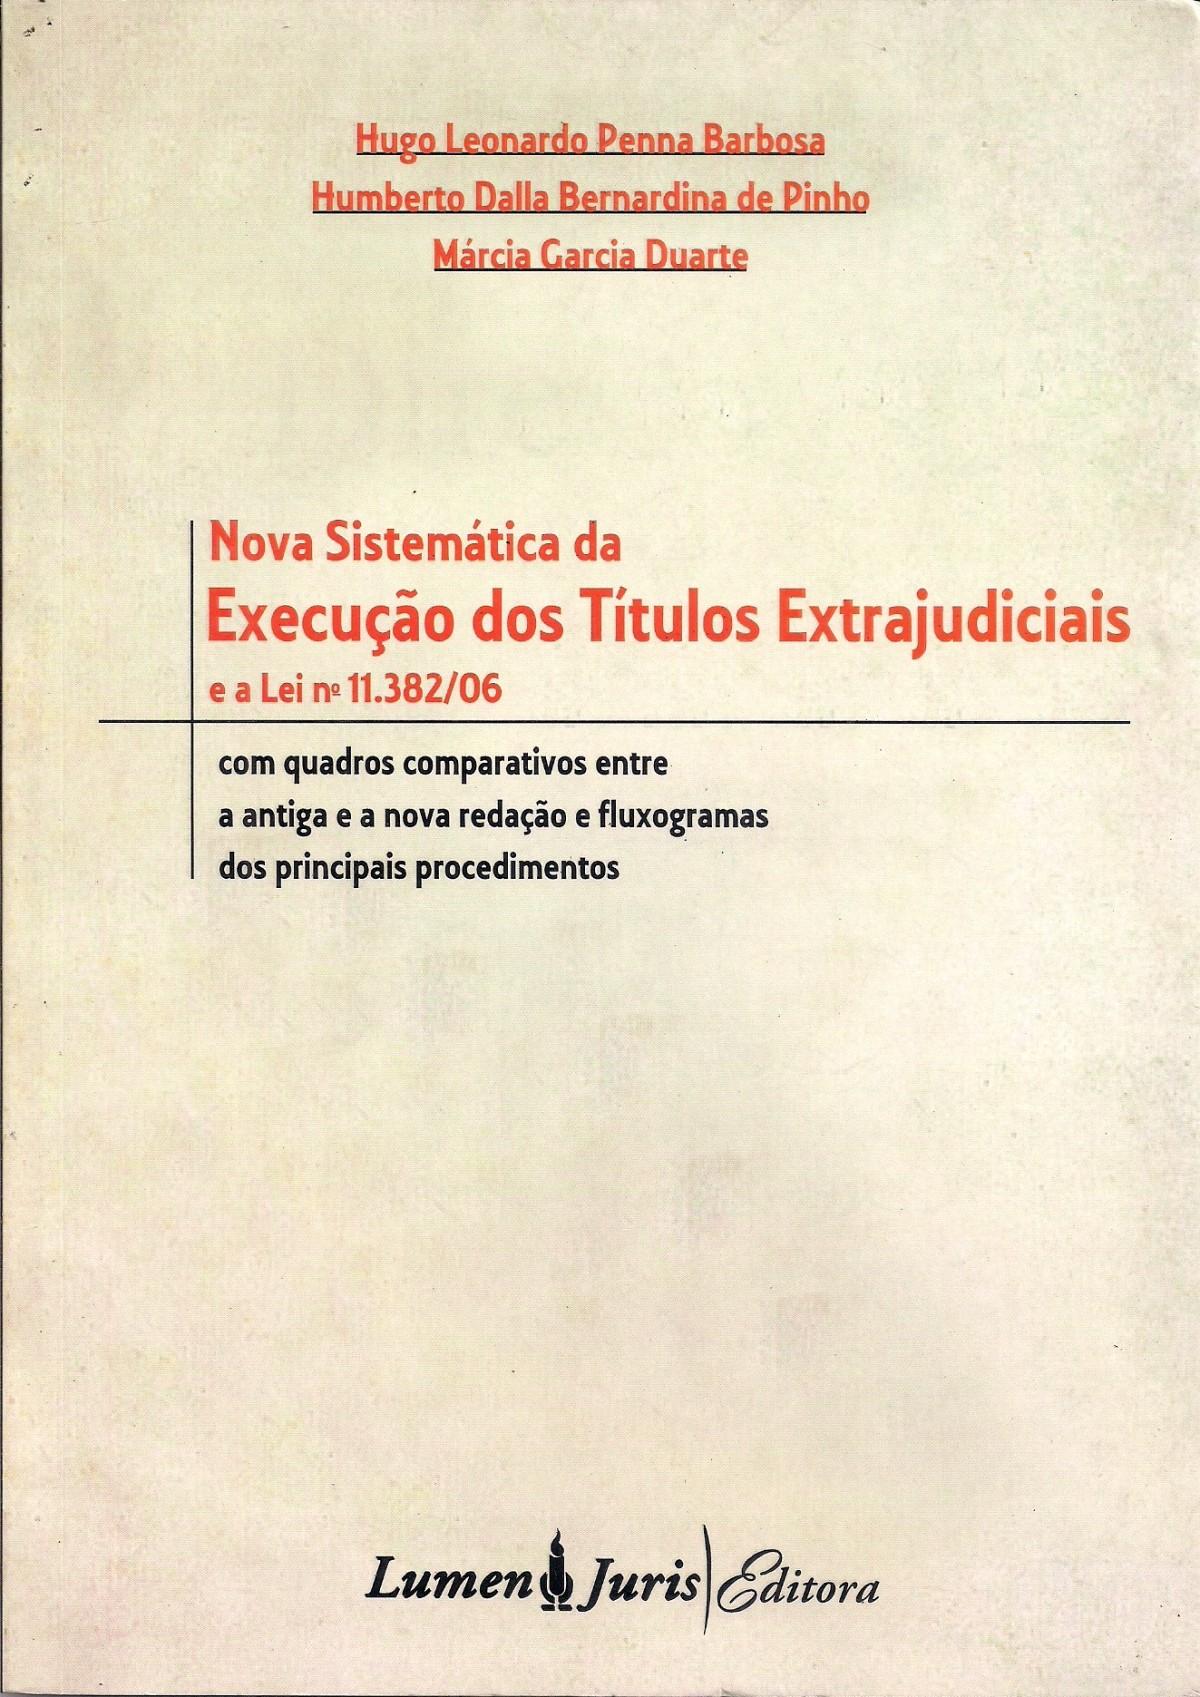 Foto 1 - Nova Sistemática da Execução dos Títulos Extrajudiciais